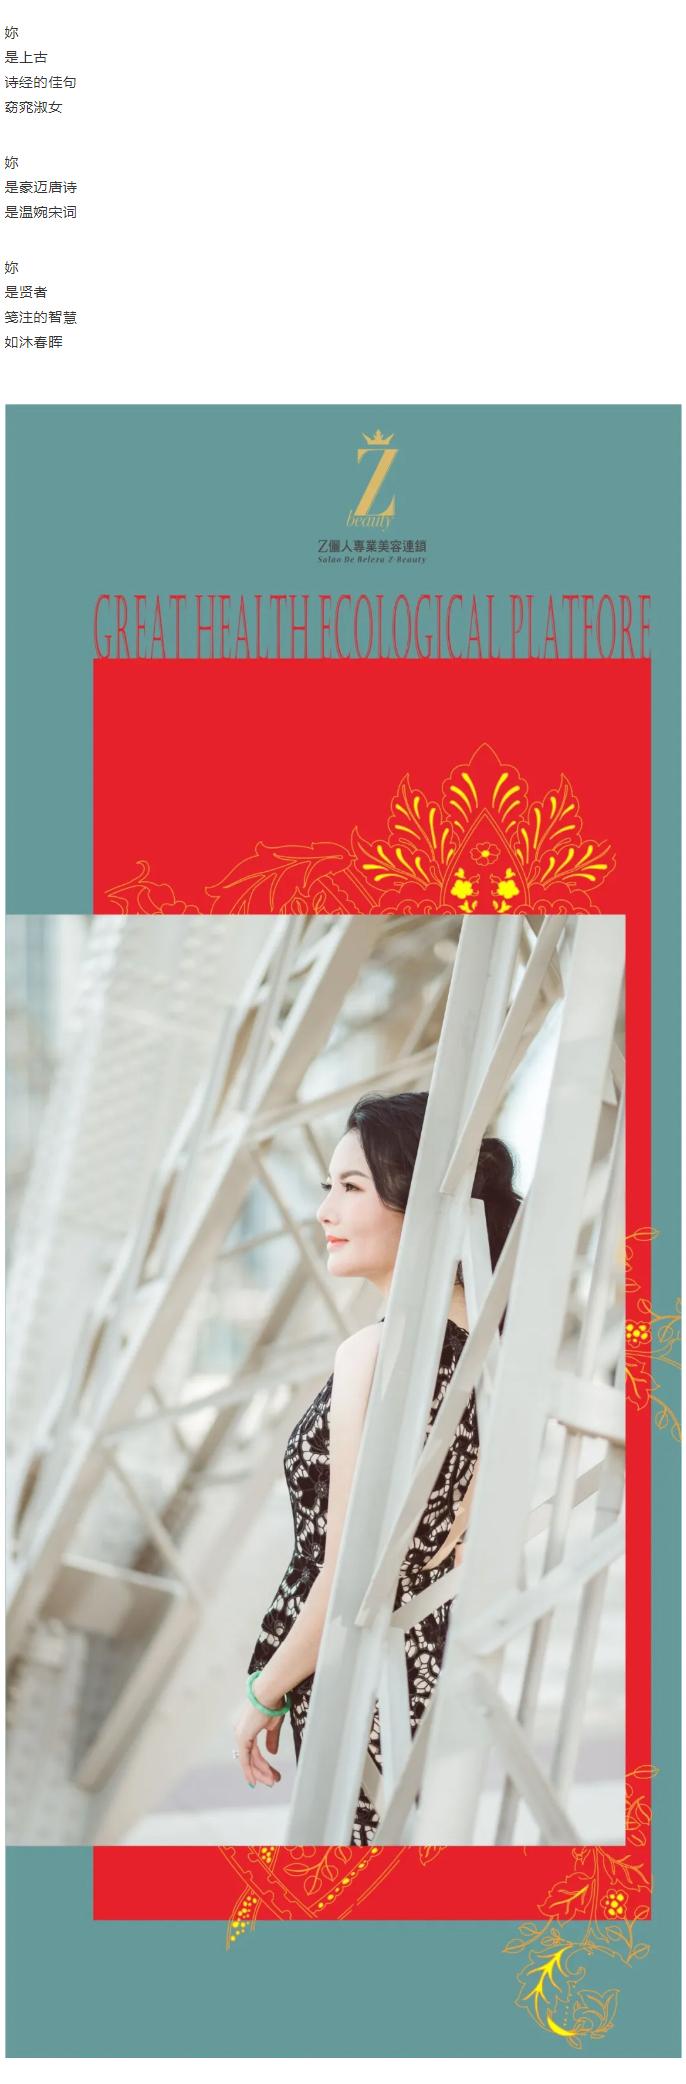 潮生百花令-燕衔萬木春_05.jpg